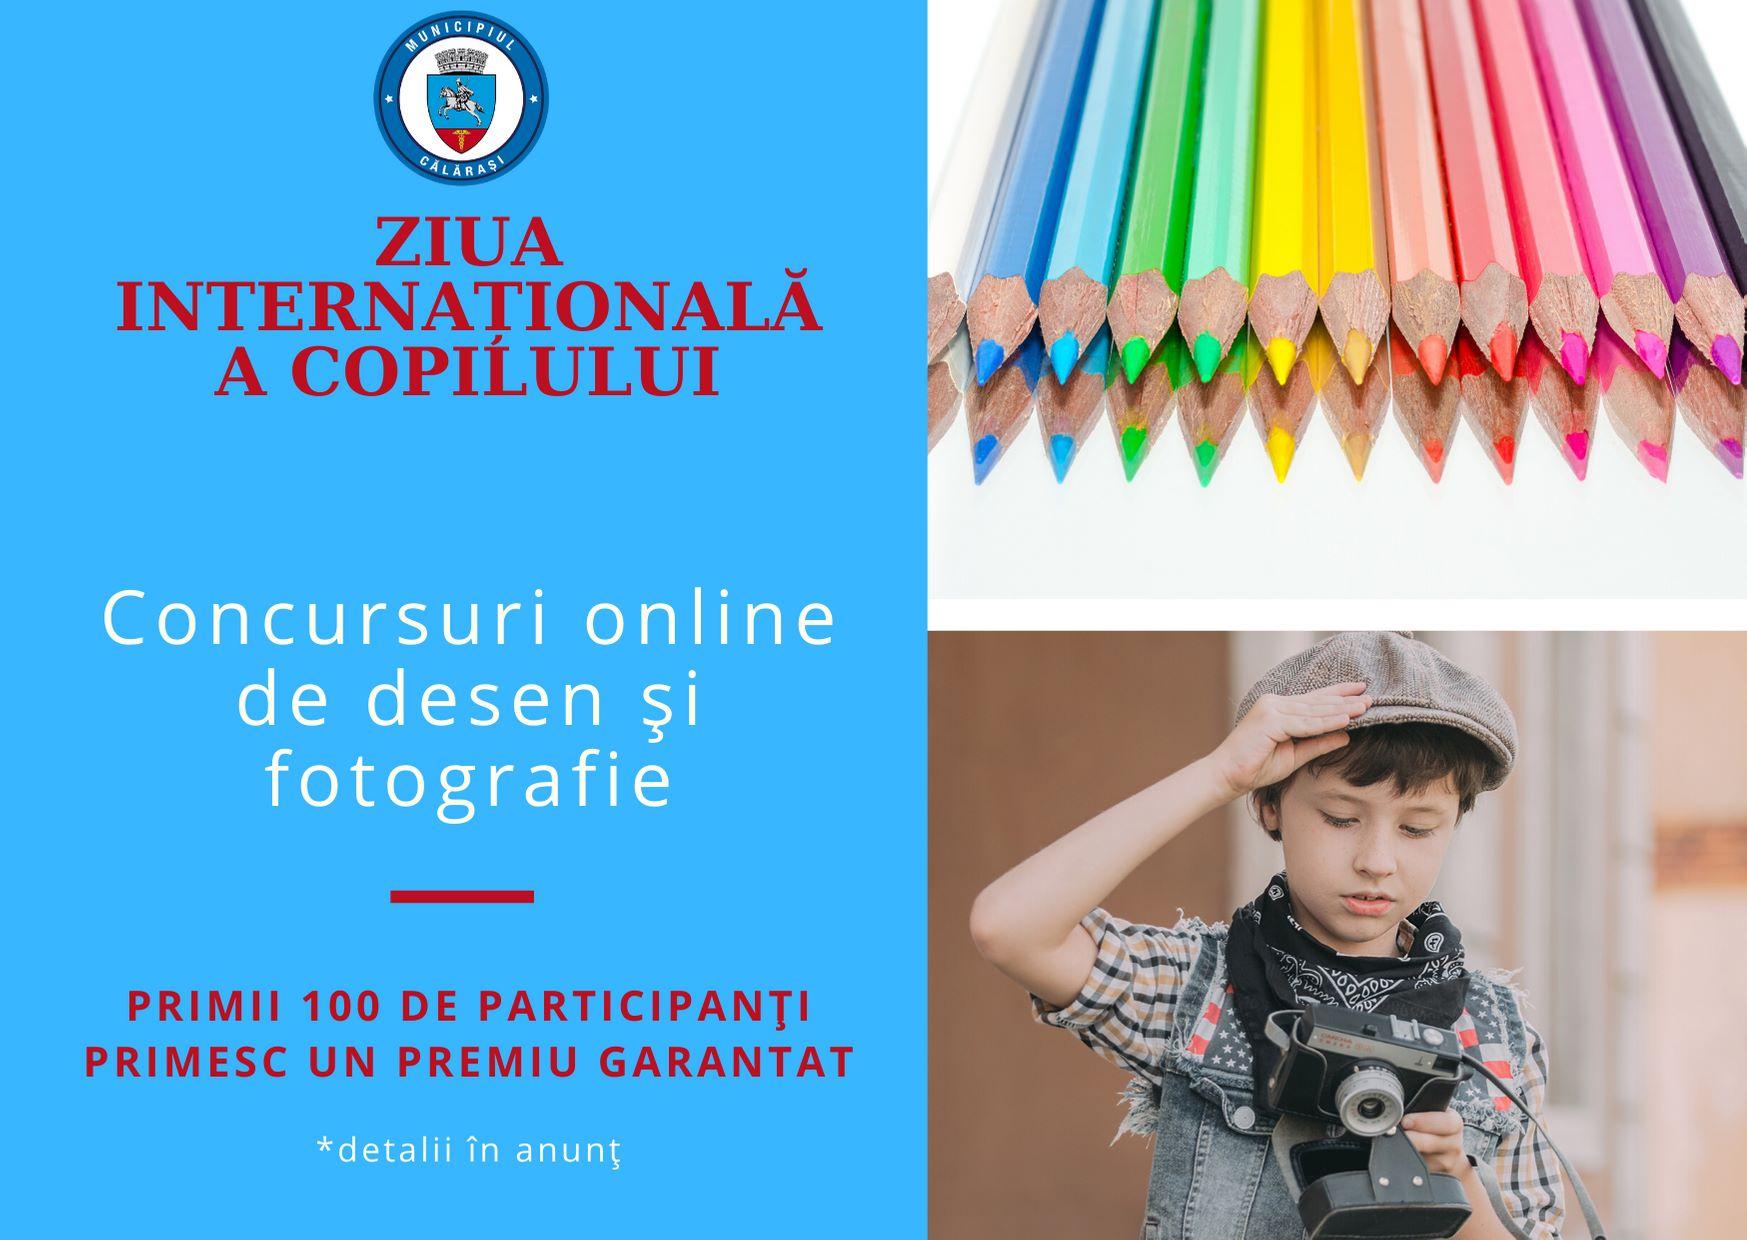 Primăria Călărași: Două concursuri online cu ocazia Zilei Internaționale a Copilului